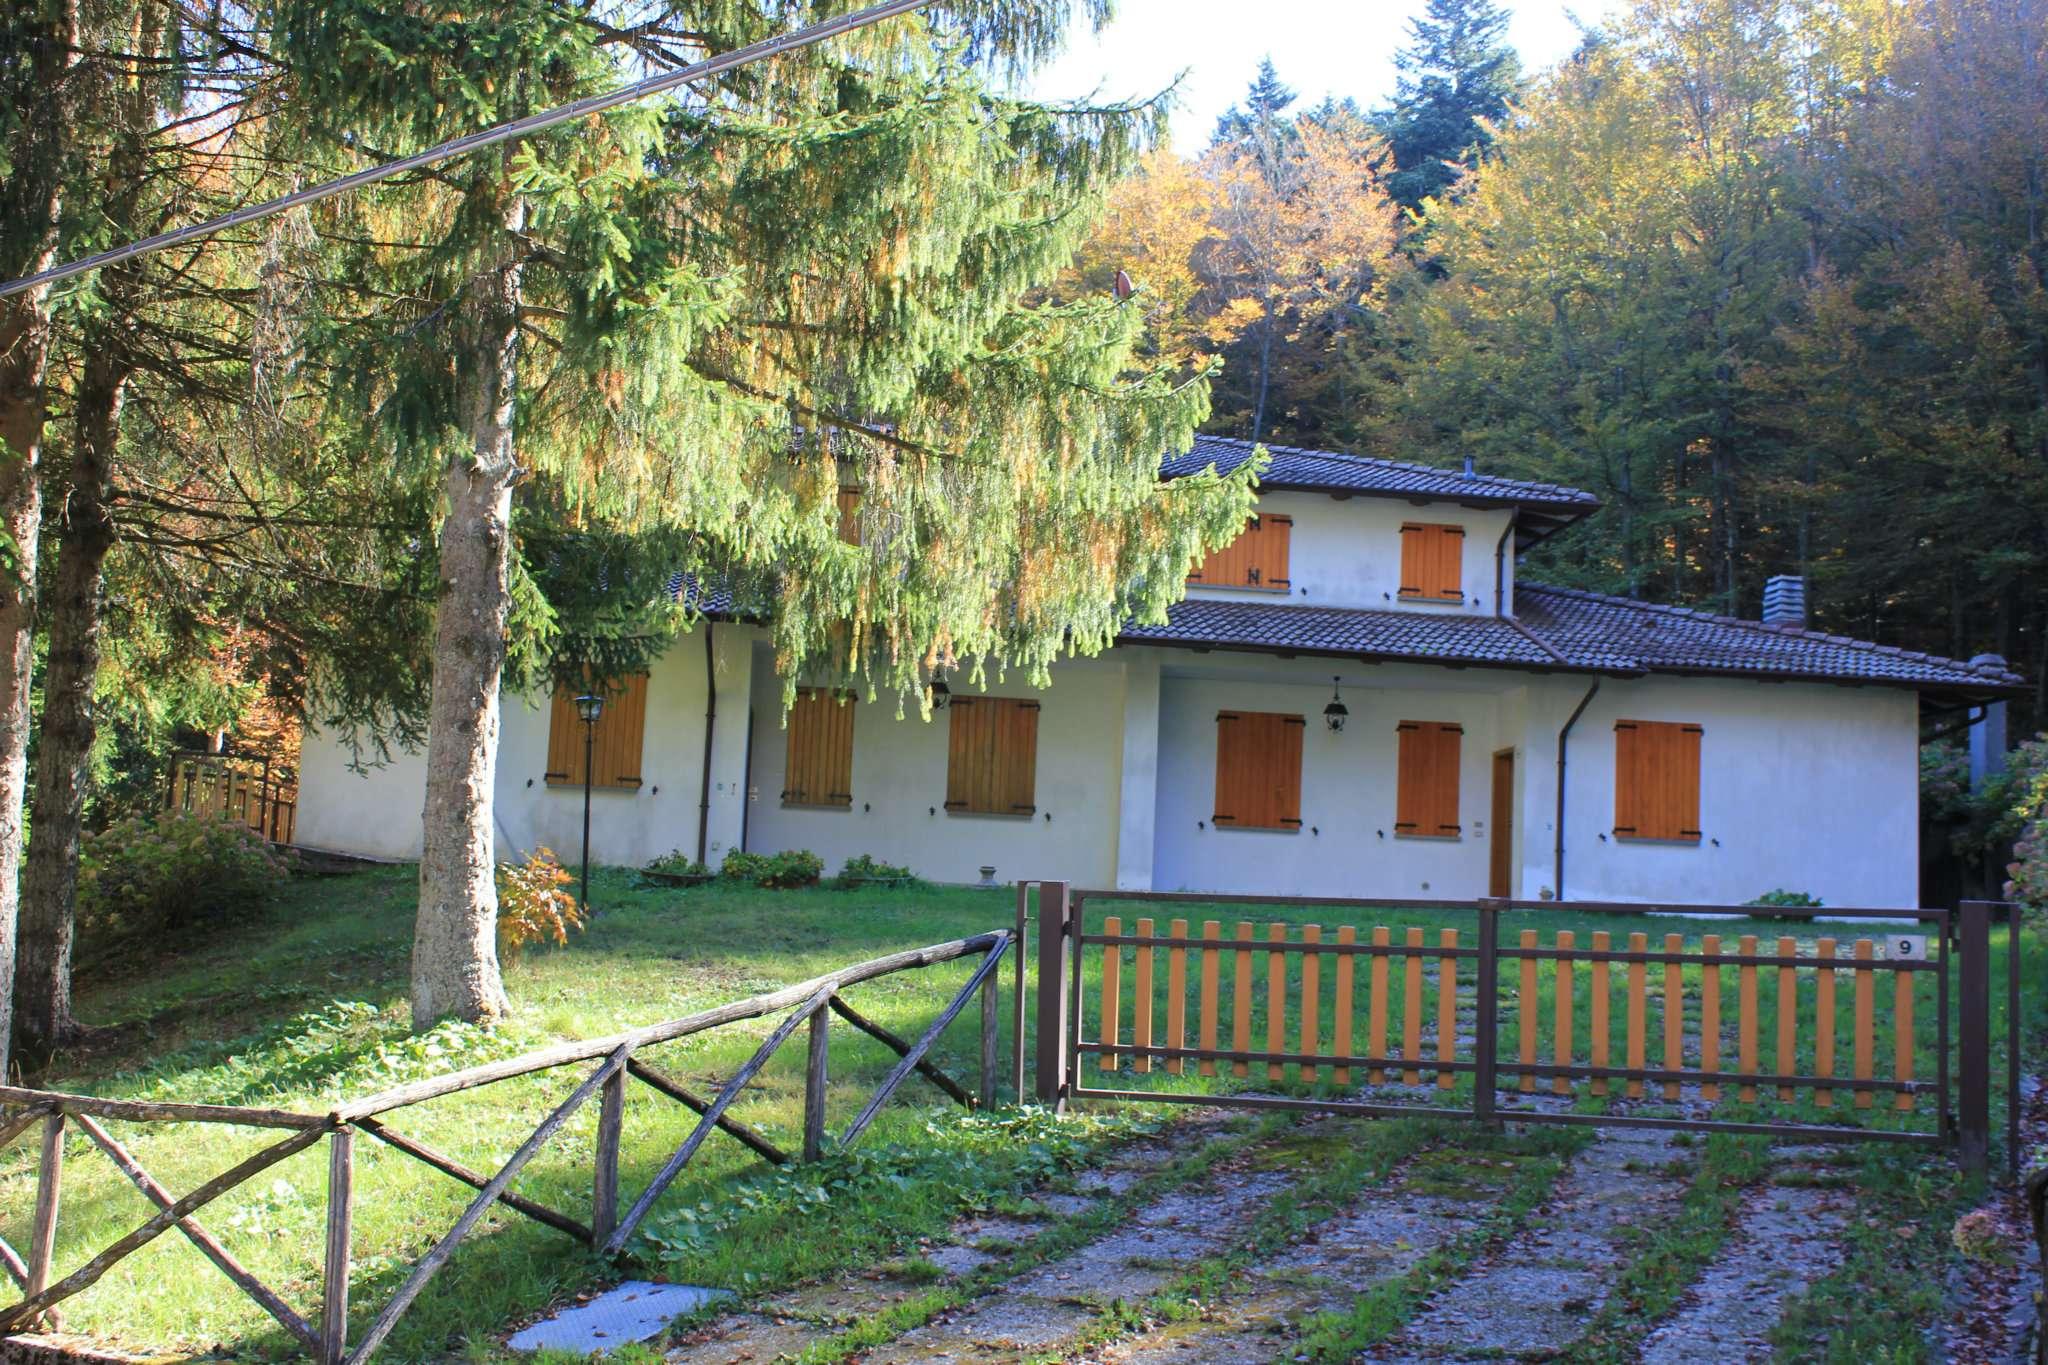 San Benedetto Val di Sambro Vendita PORZIONE DI CASA Immagine 0